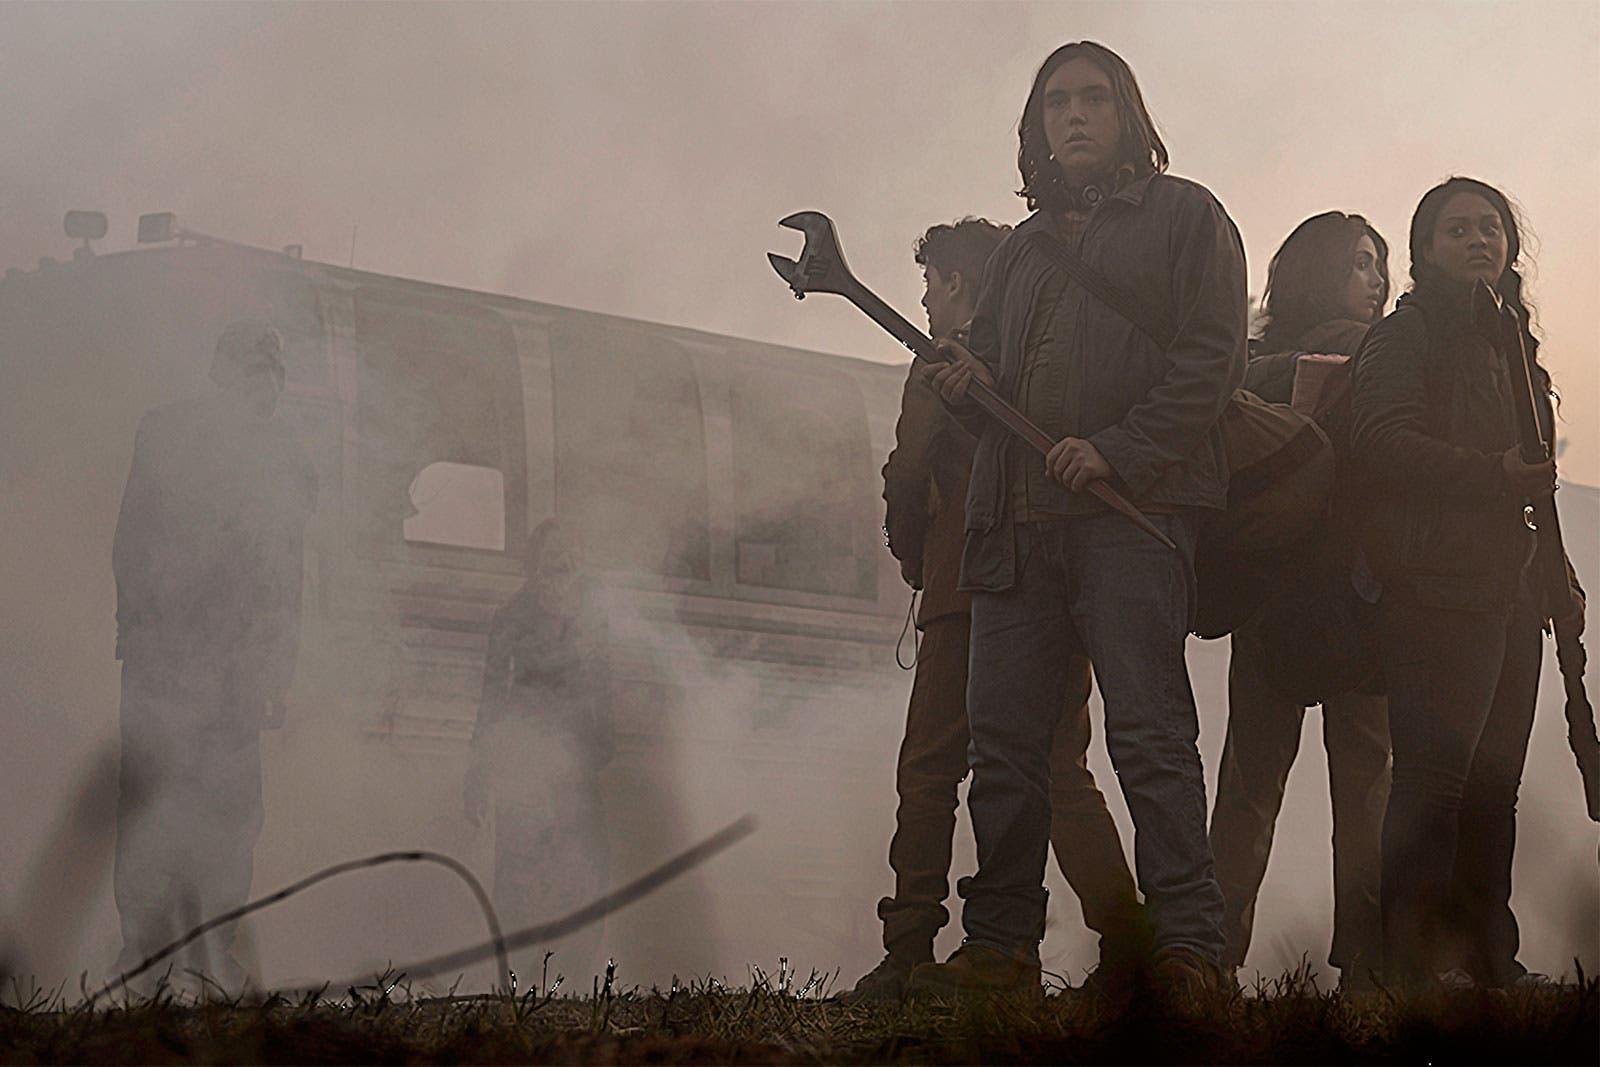 El grupo liderado por Iris y Hope se adentran en The Blaze of Gory